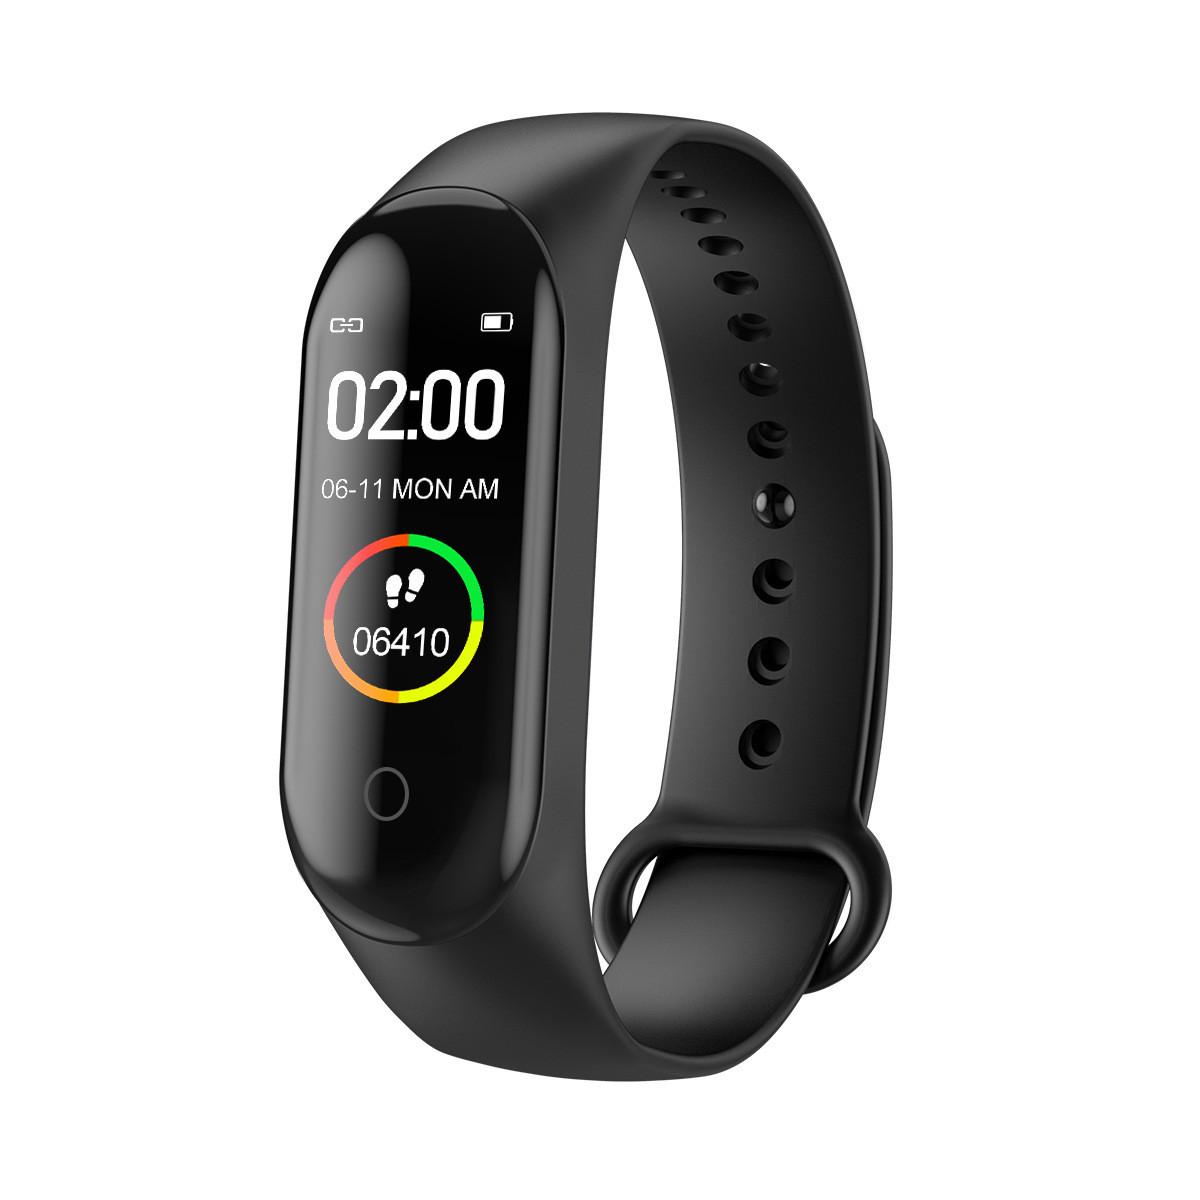 Фитнес браслет М4 для измерения пульса и давления smart bracelet M4 smart band смарт часы шагомер, черный